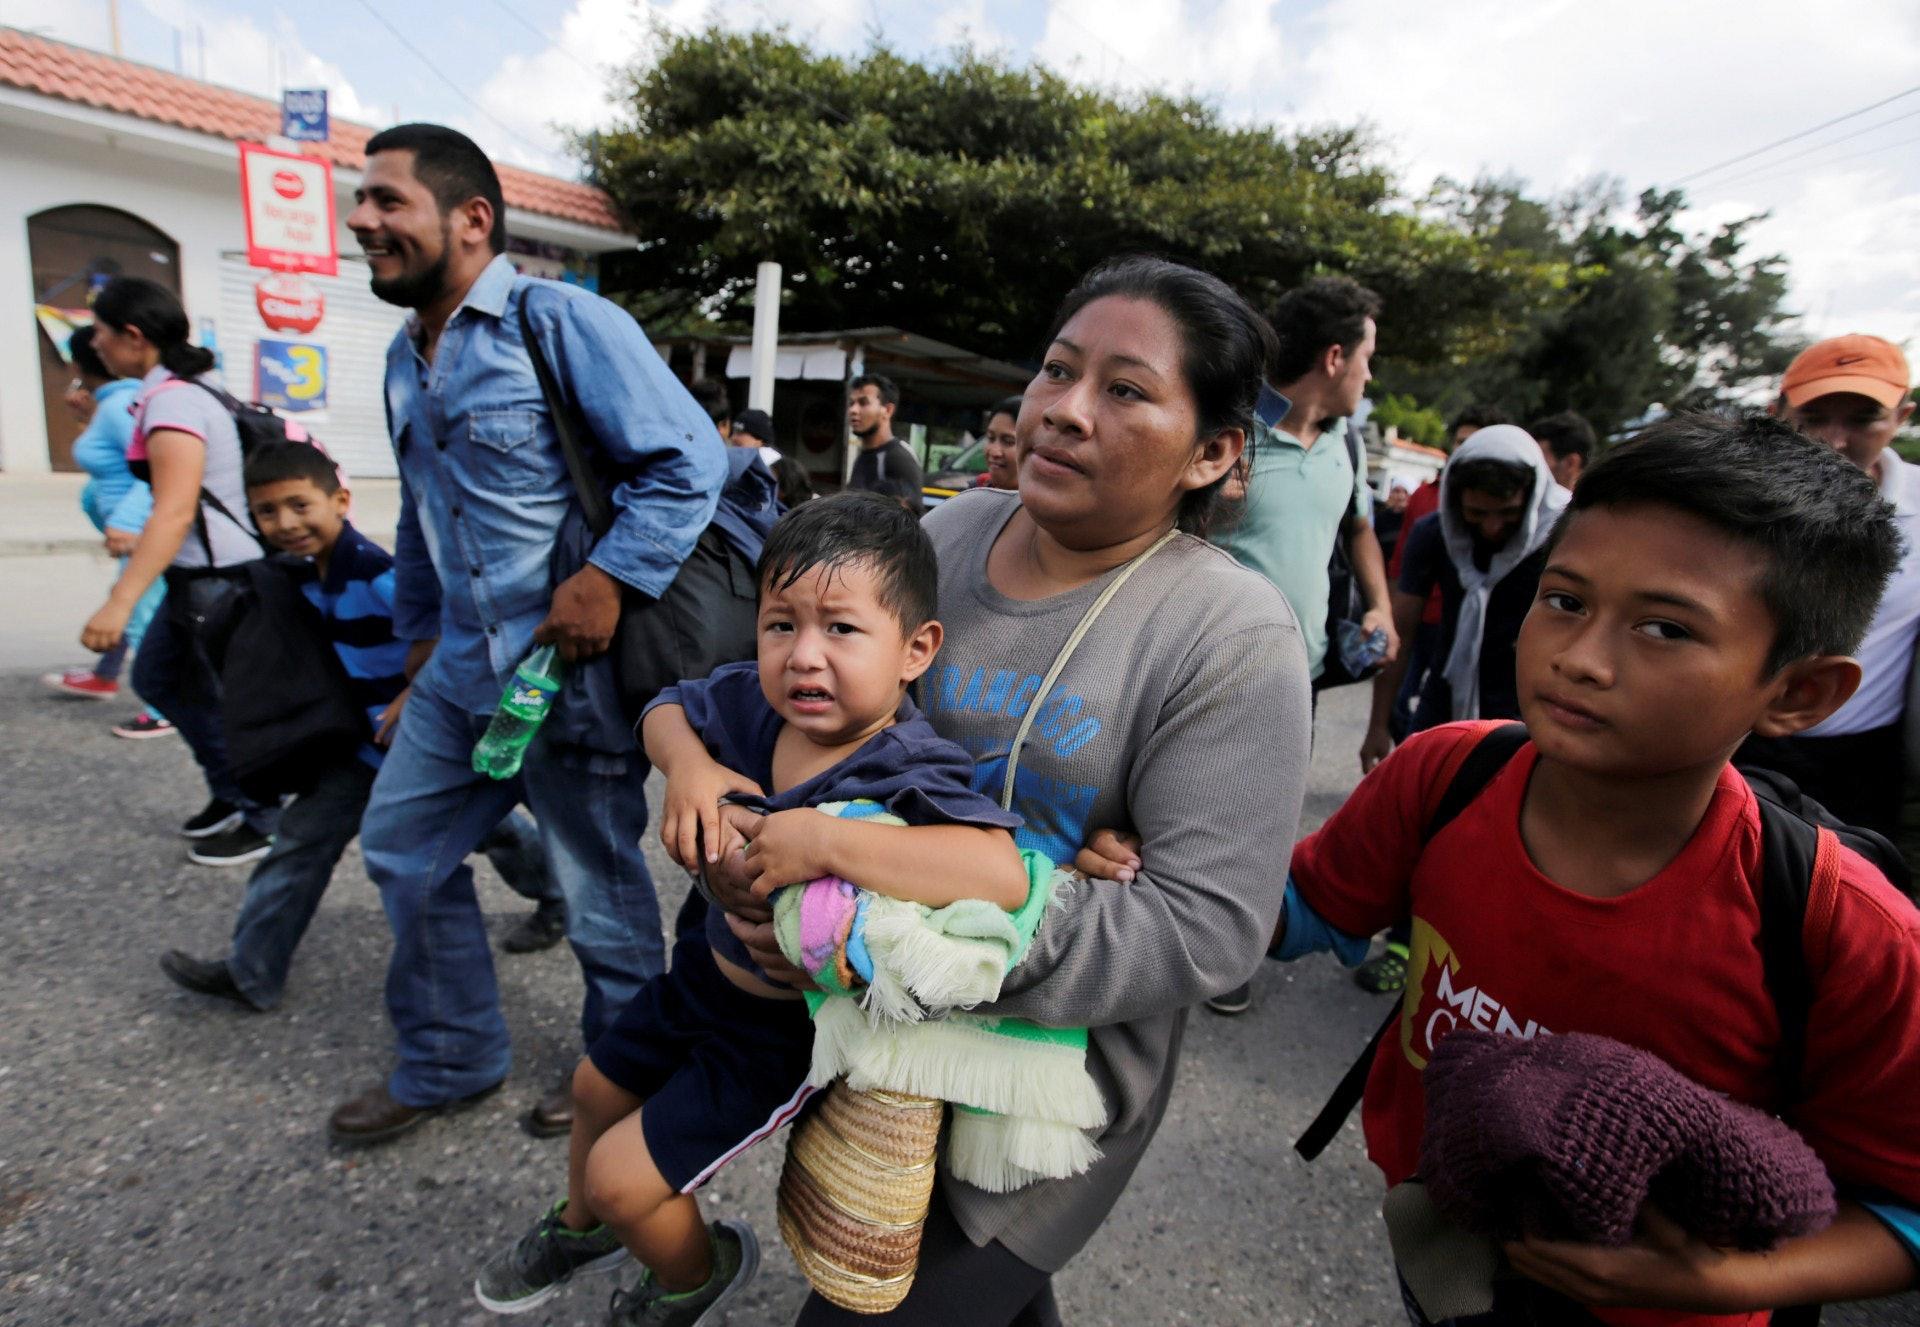 中美洲難民:大批來自洪都拉斯的難民扶老攜幼,嘗試穿越墨西哥進入美國。(路透社)